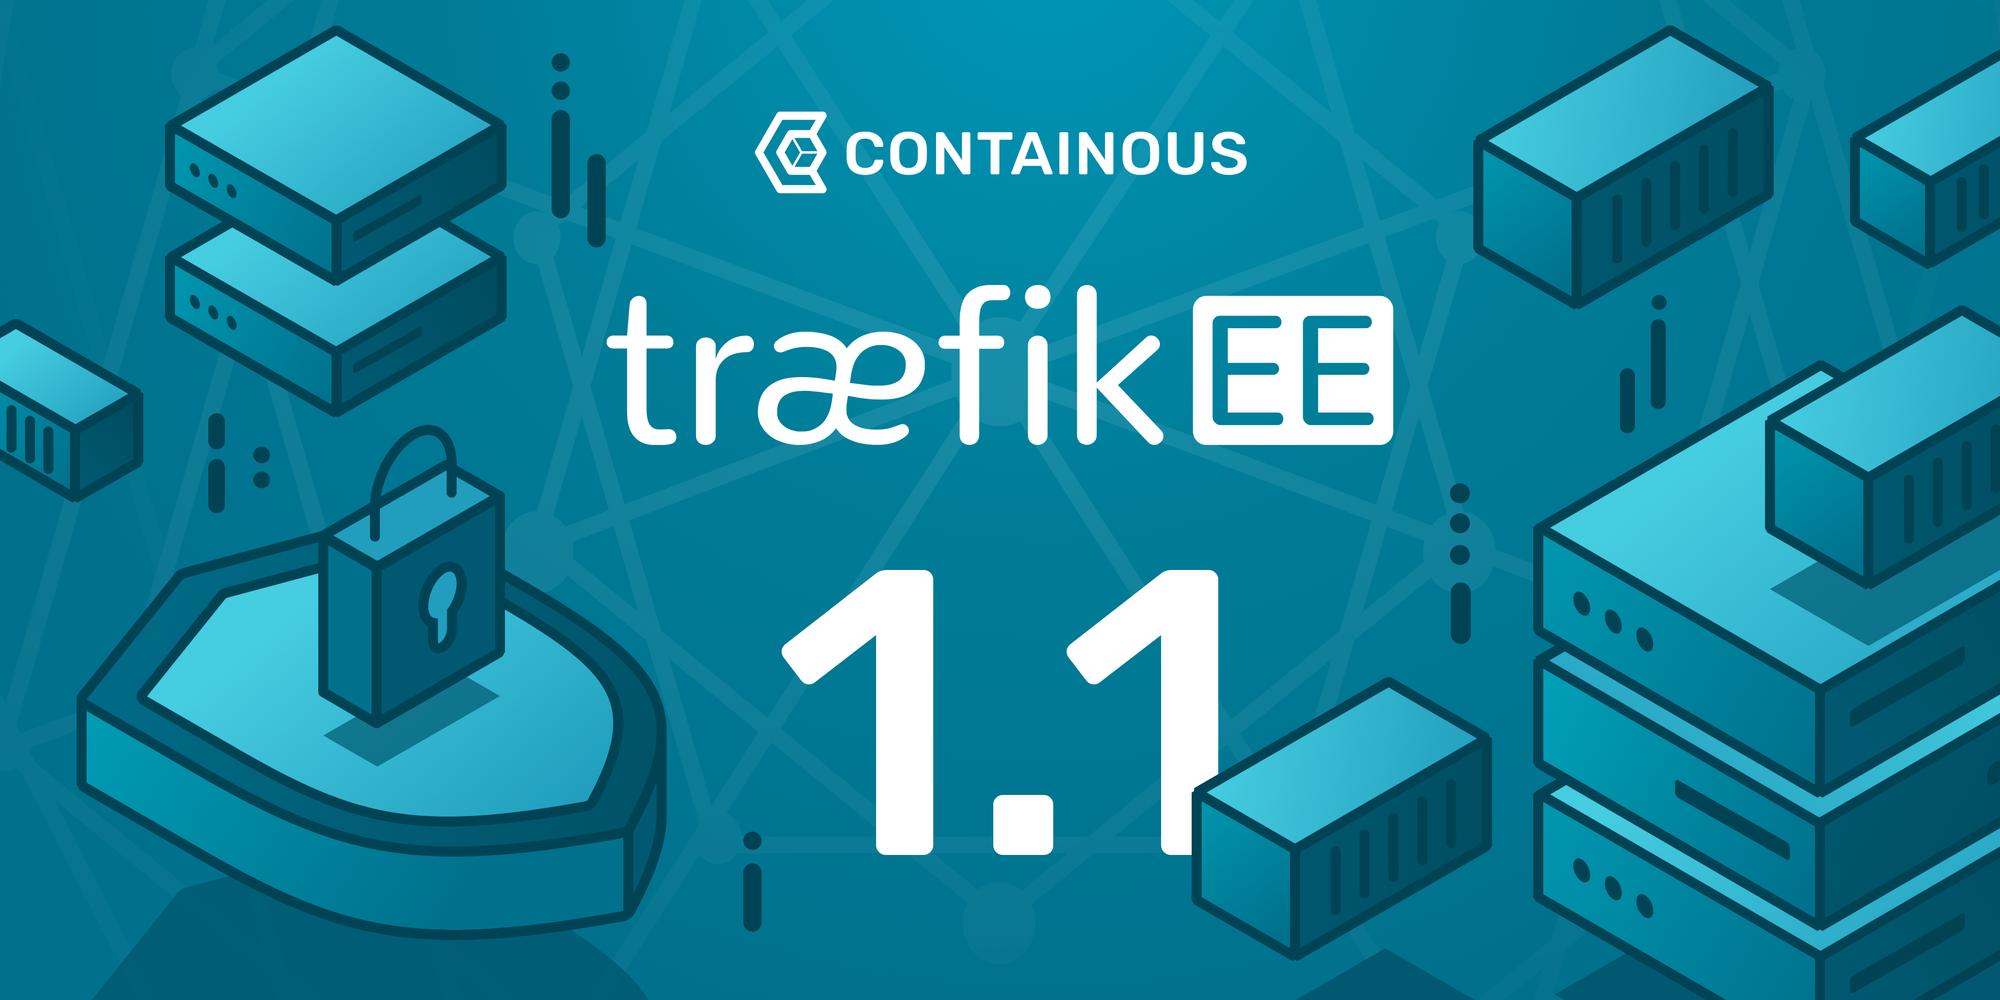 Announcing TraefikEE v1.1